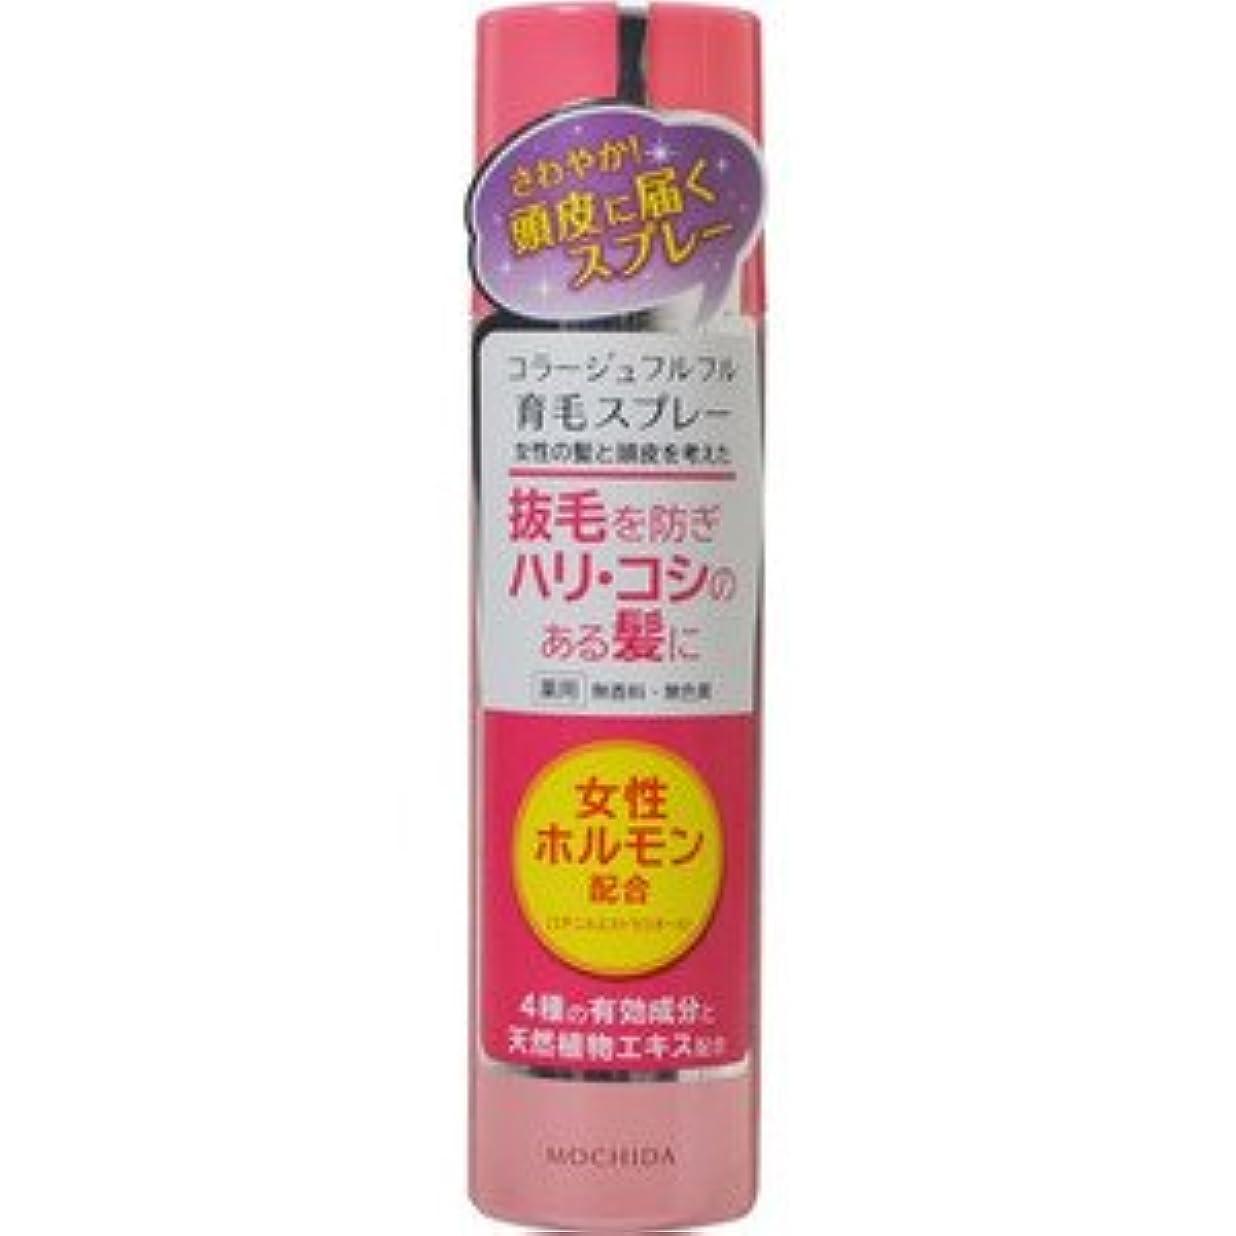 土吸収剤混沌(持田ヘルスケア)コラージュフルフル 育毛スプレー 150g(医薬部外品)